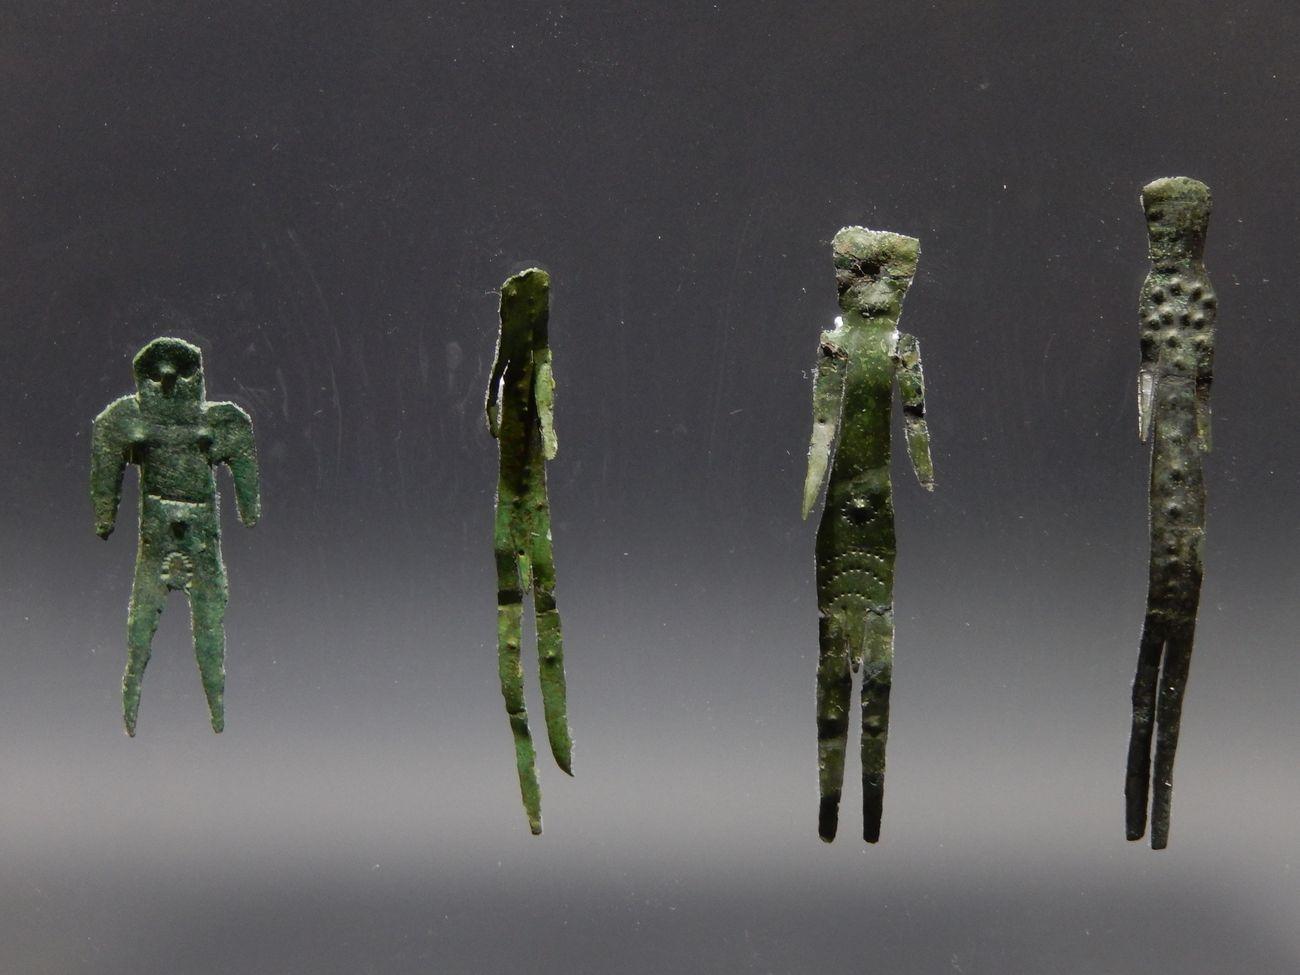 Quattro figurine in lamina bronzea ritagliata, dal Forcello di Bagnolo San Vito (MN), fine V – inizio IV secolo a.C., Mantova, Museo Archeologico Nazionale, Complesso Museale di Palazzo Ducale